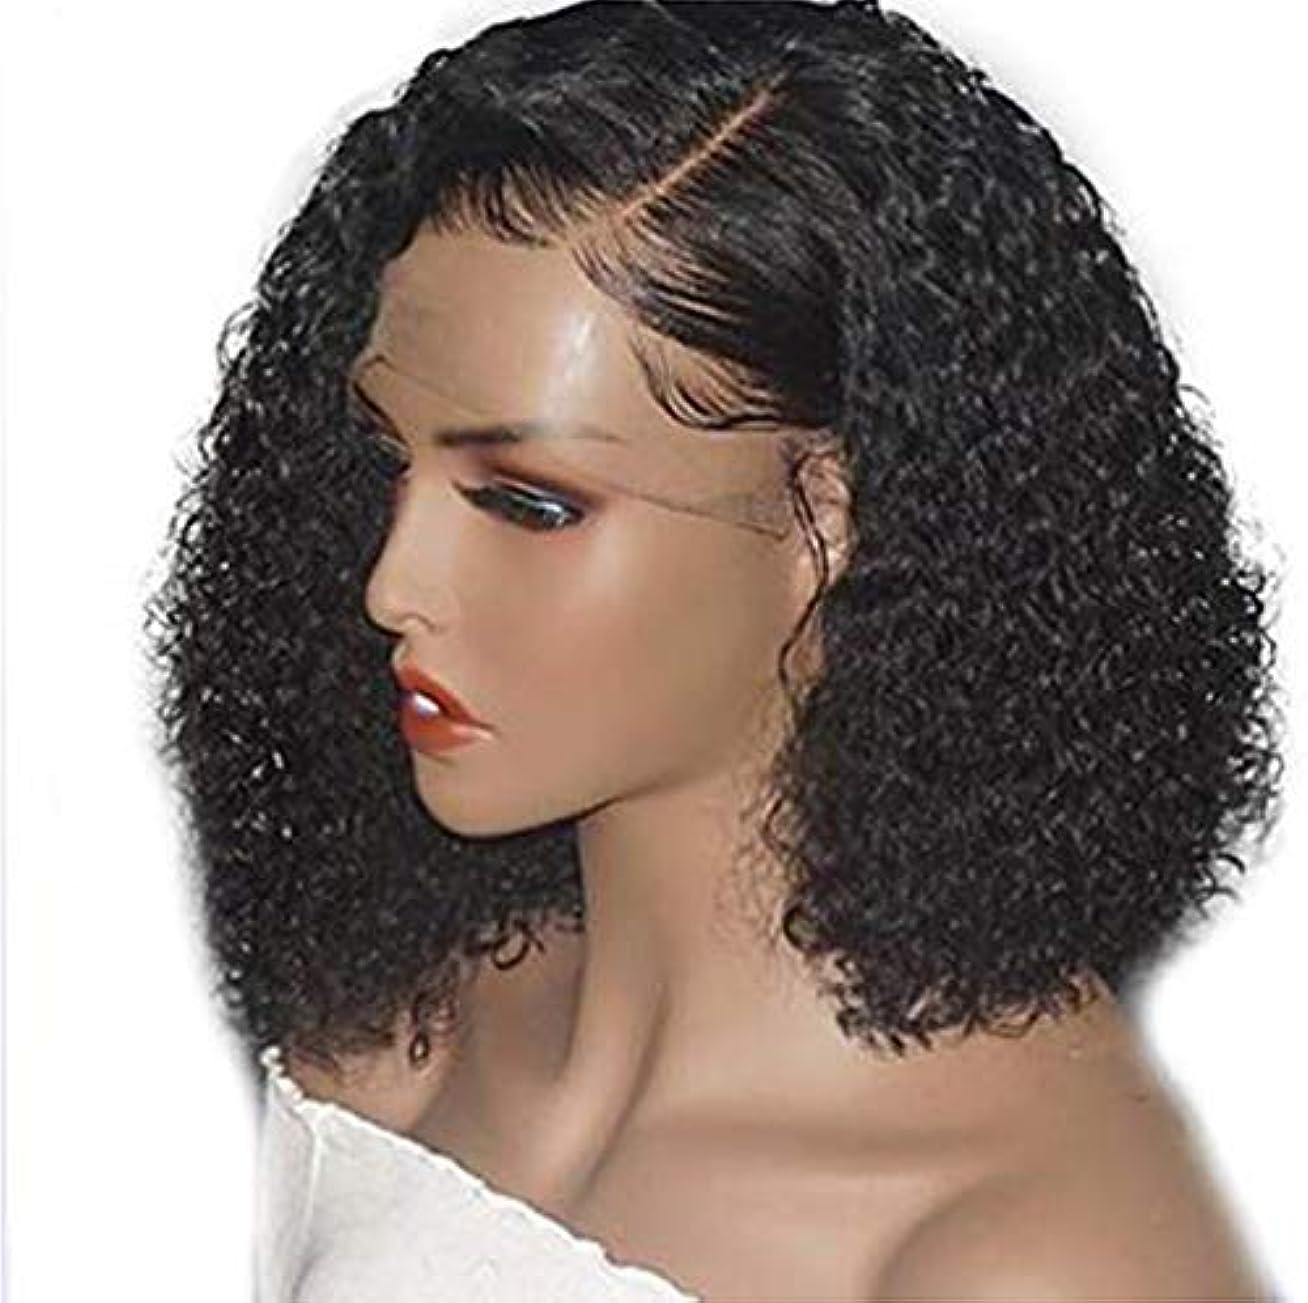 初心者プロテスタント征服する女性のブラジルのRemy耐熱合成長さの非常に巻き毛のウェーブのかかった髪のパーティーコスチュームウィッグ黒14インチ